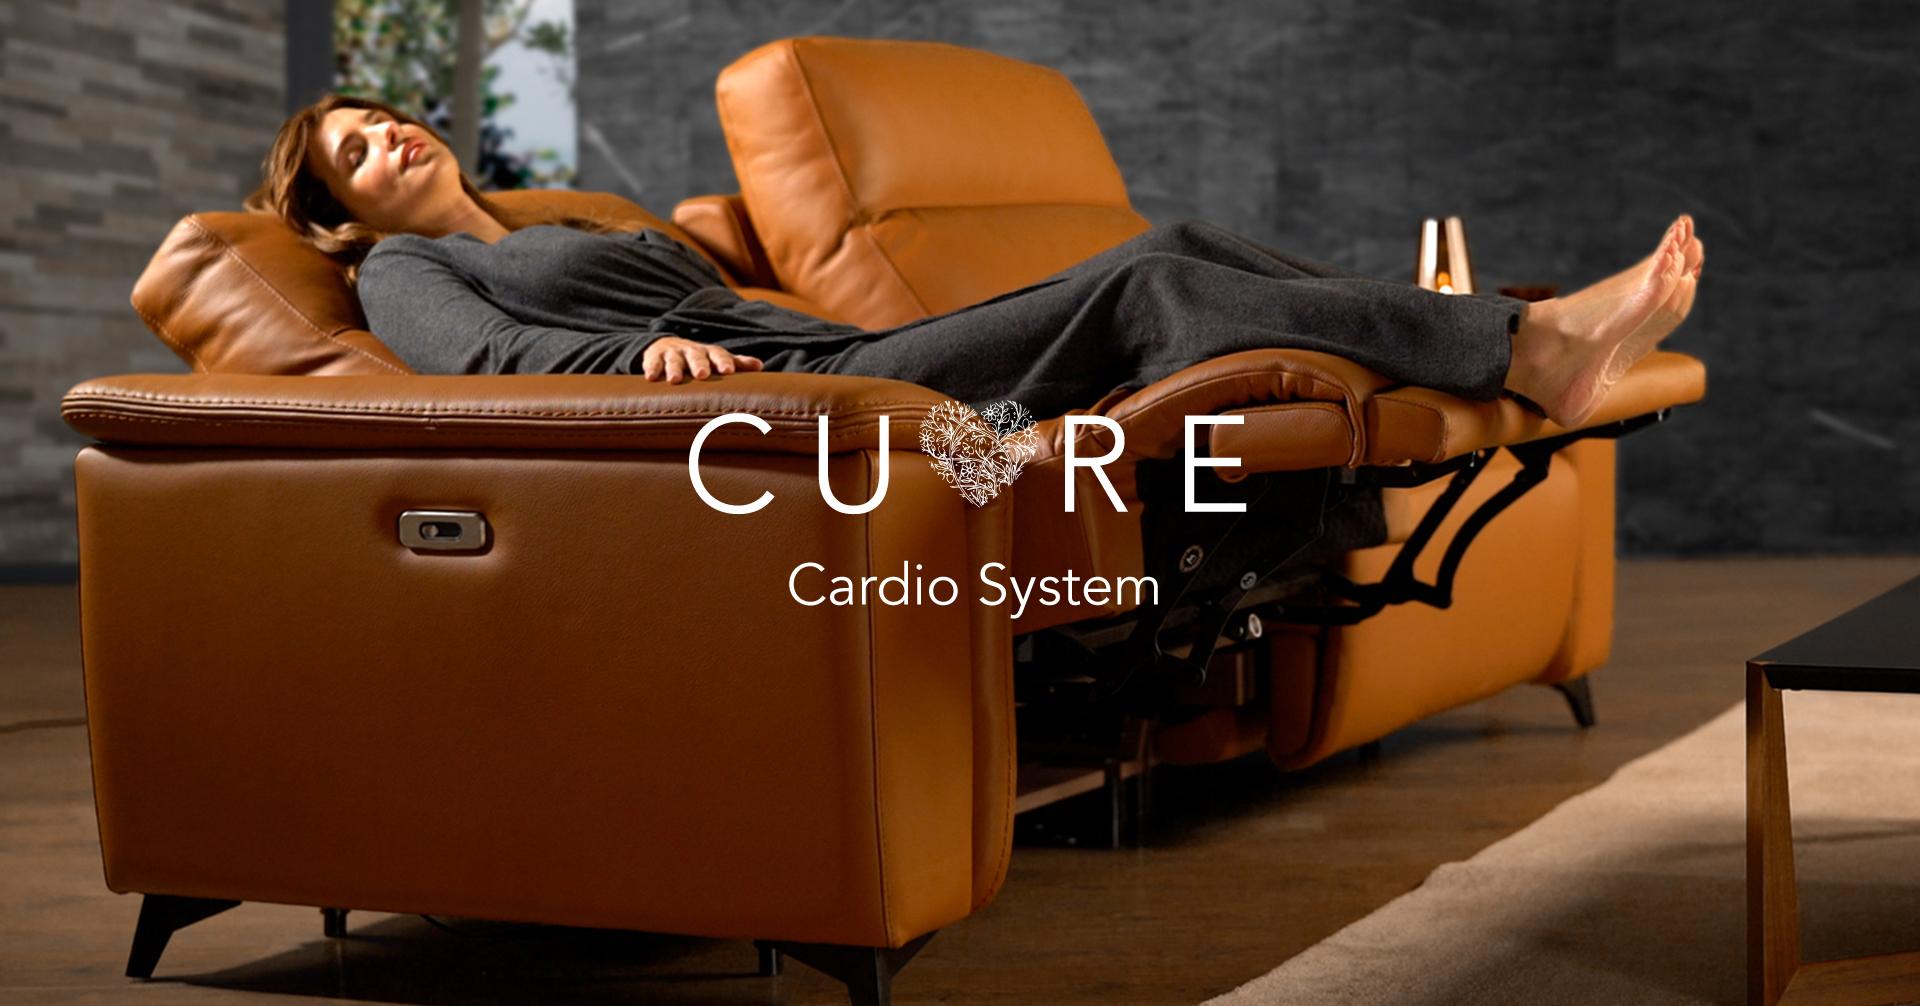 Cuida de tu salud con el sofá Cuore Cardio System.